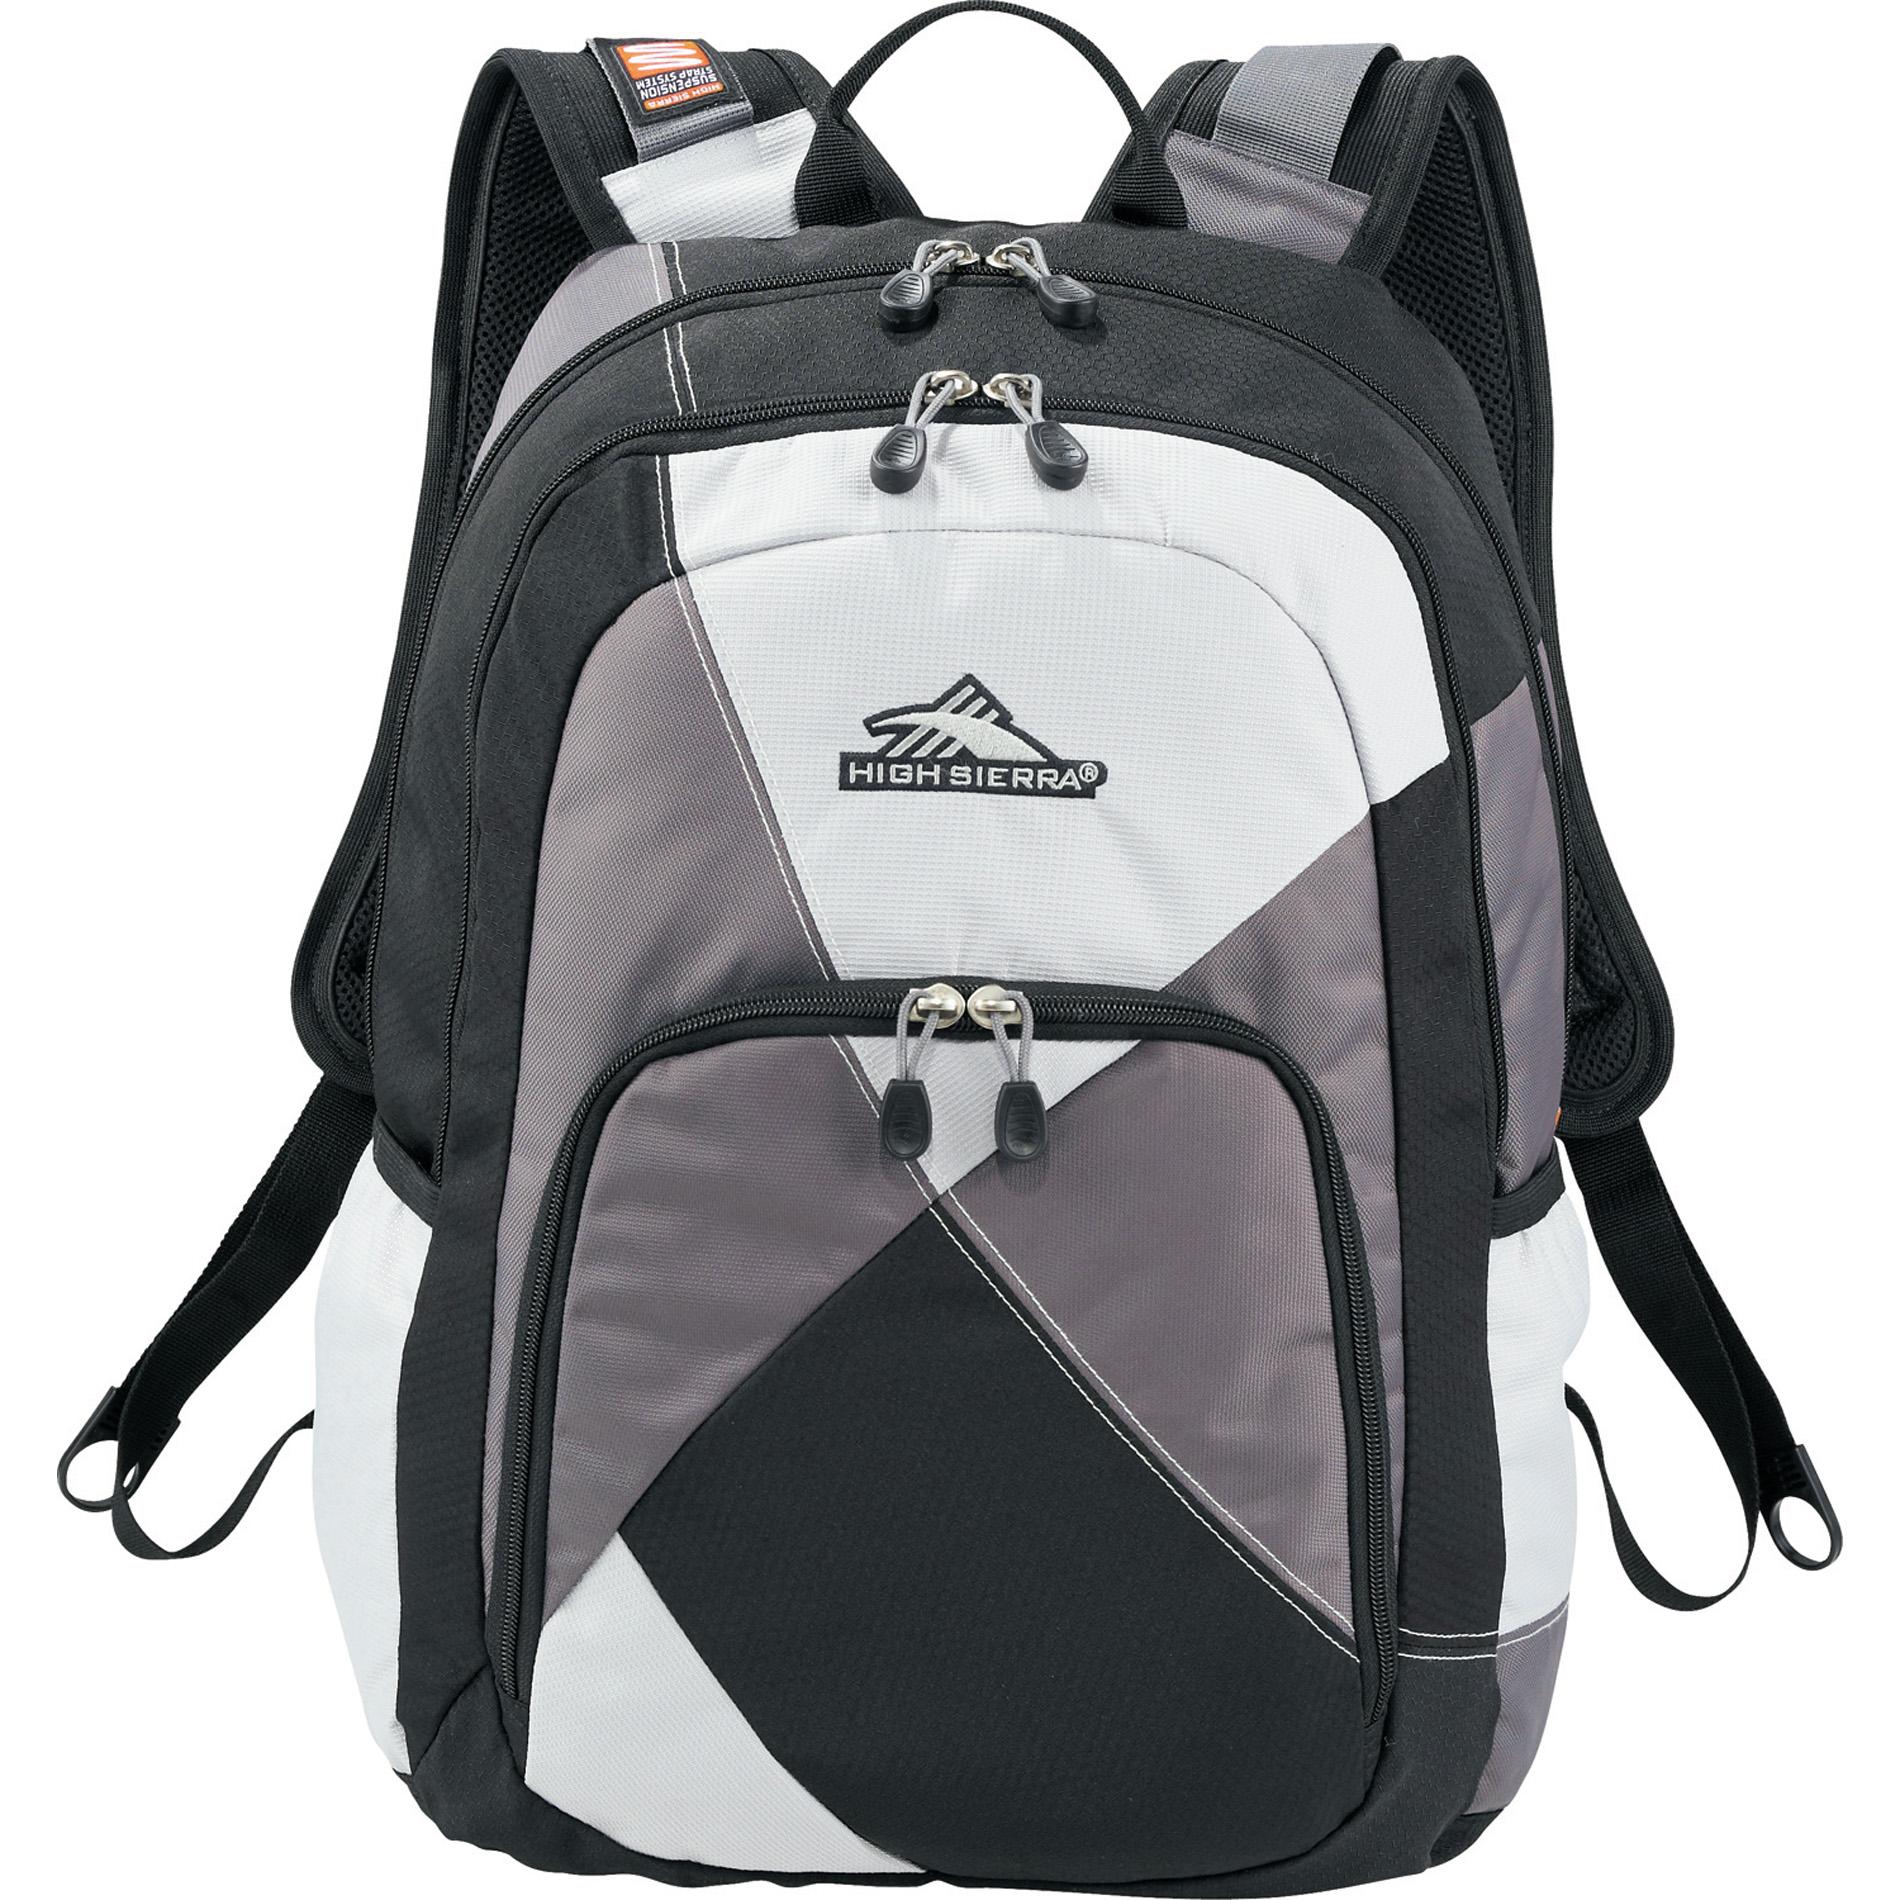 High Sierra 8051-08 - Berserk 17 Computer Backpack